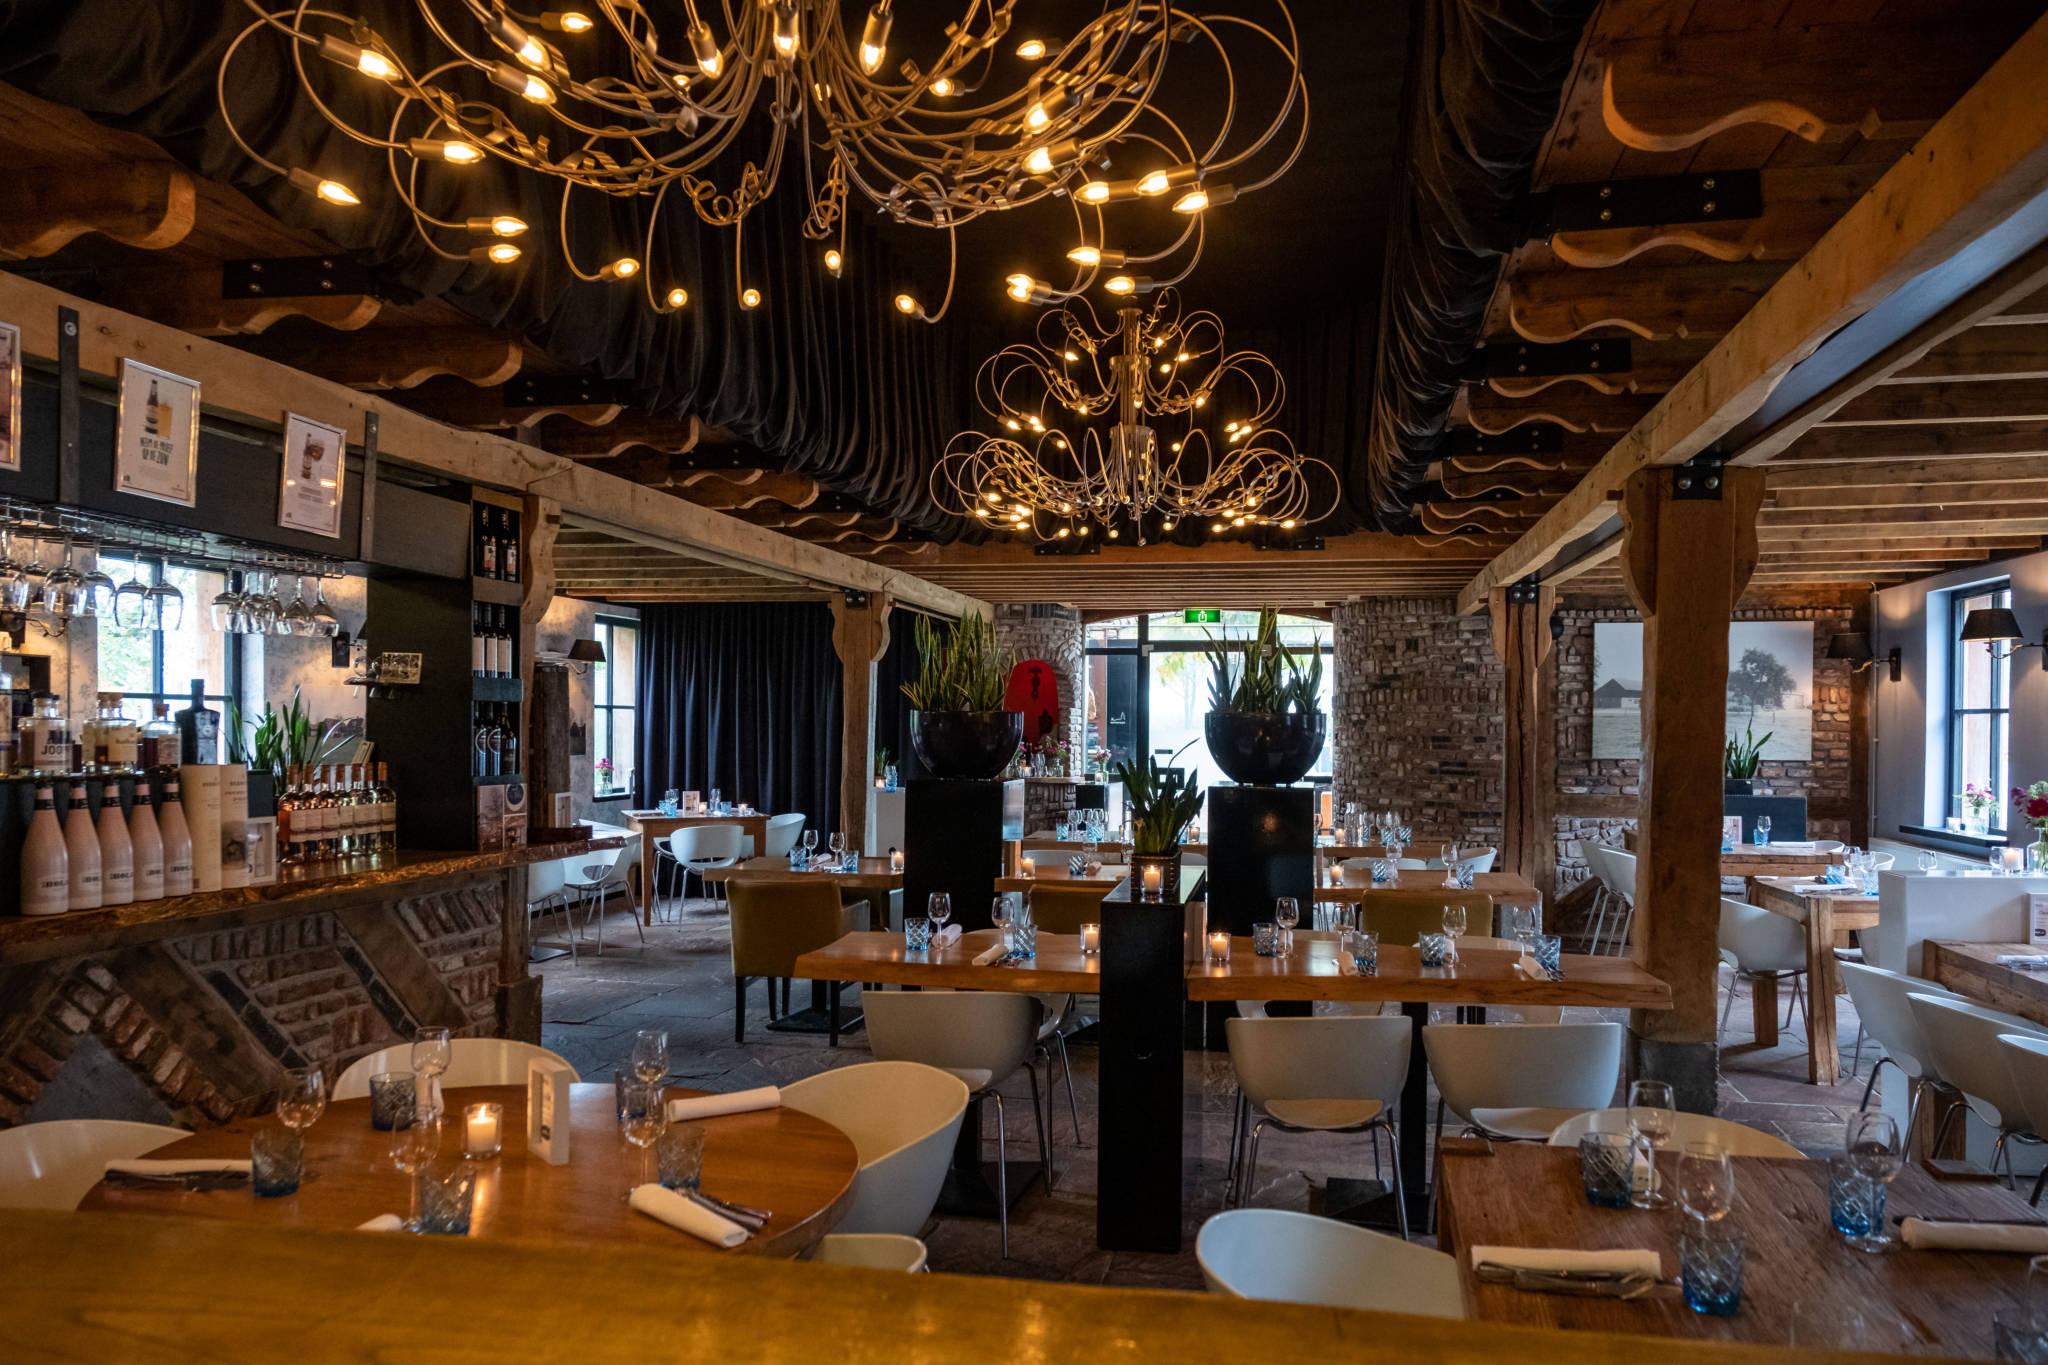 restaurant met uitzicht op open keuken sfeervol